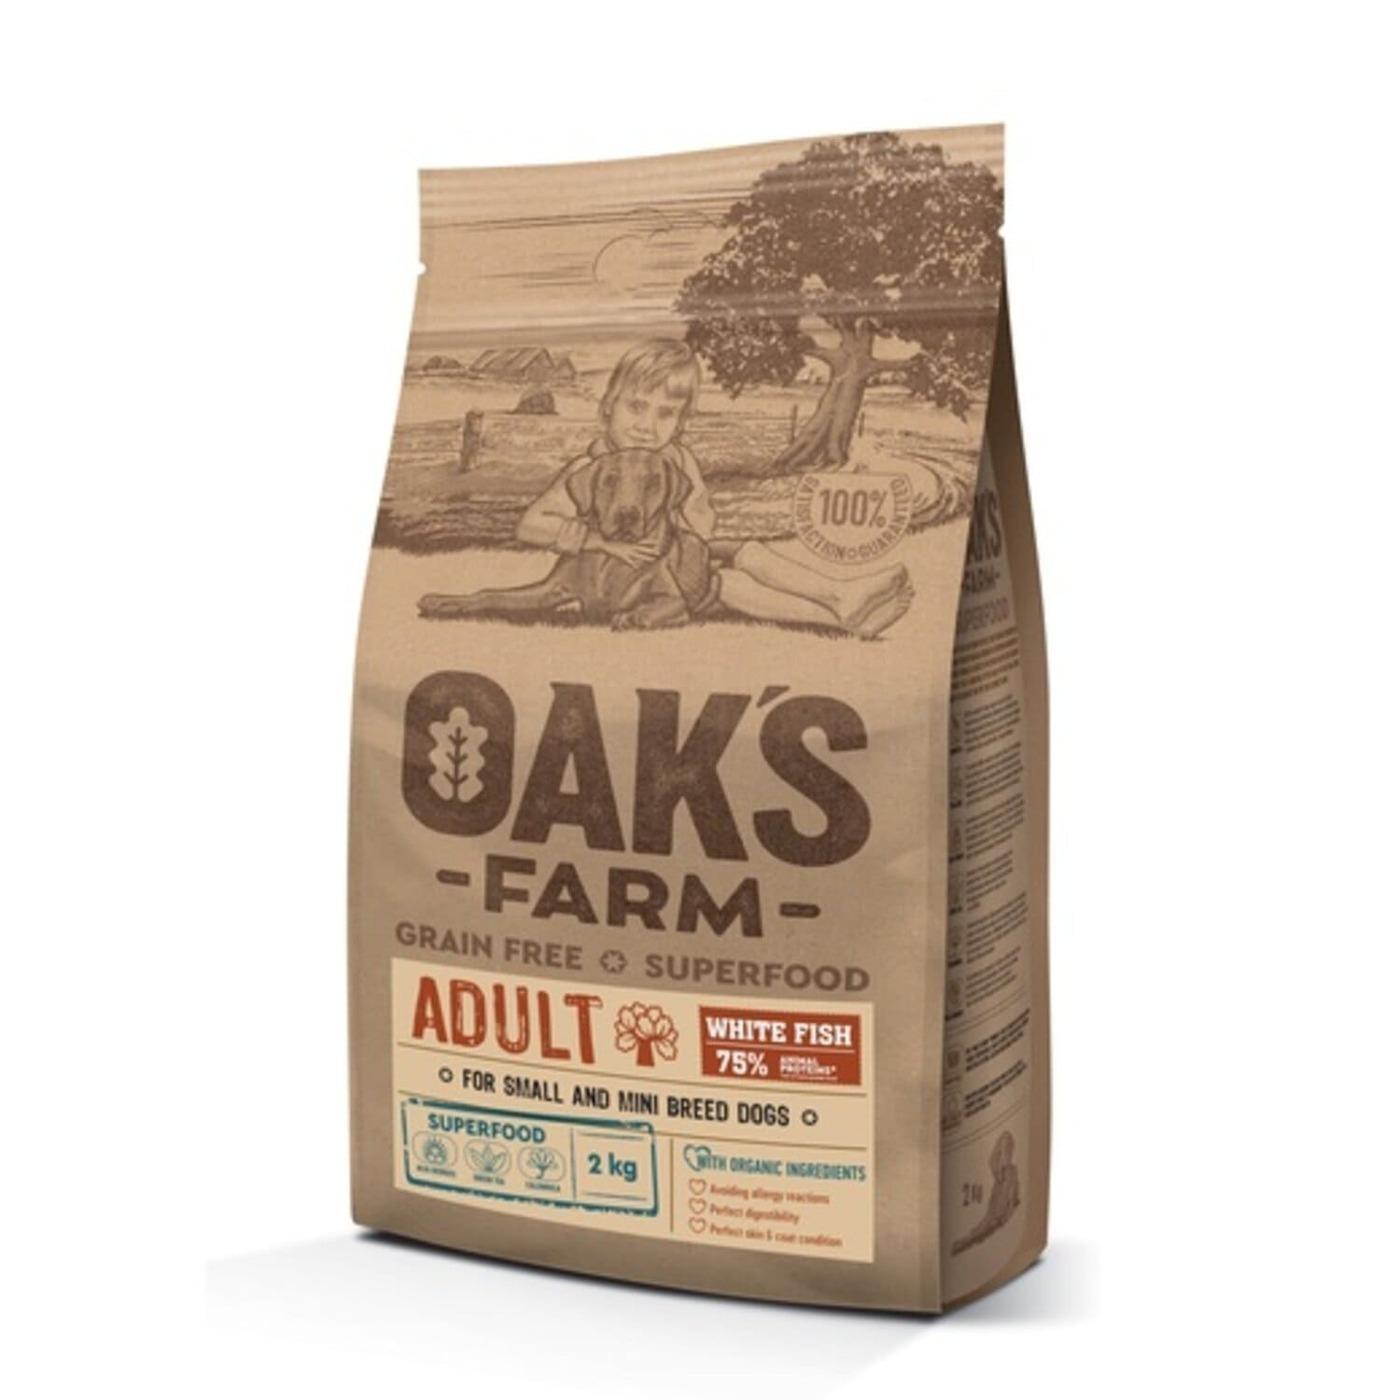 Oaks Farm GF сухой корм для собак мелких и карликовых пород, белая рыба 2 кг